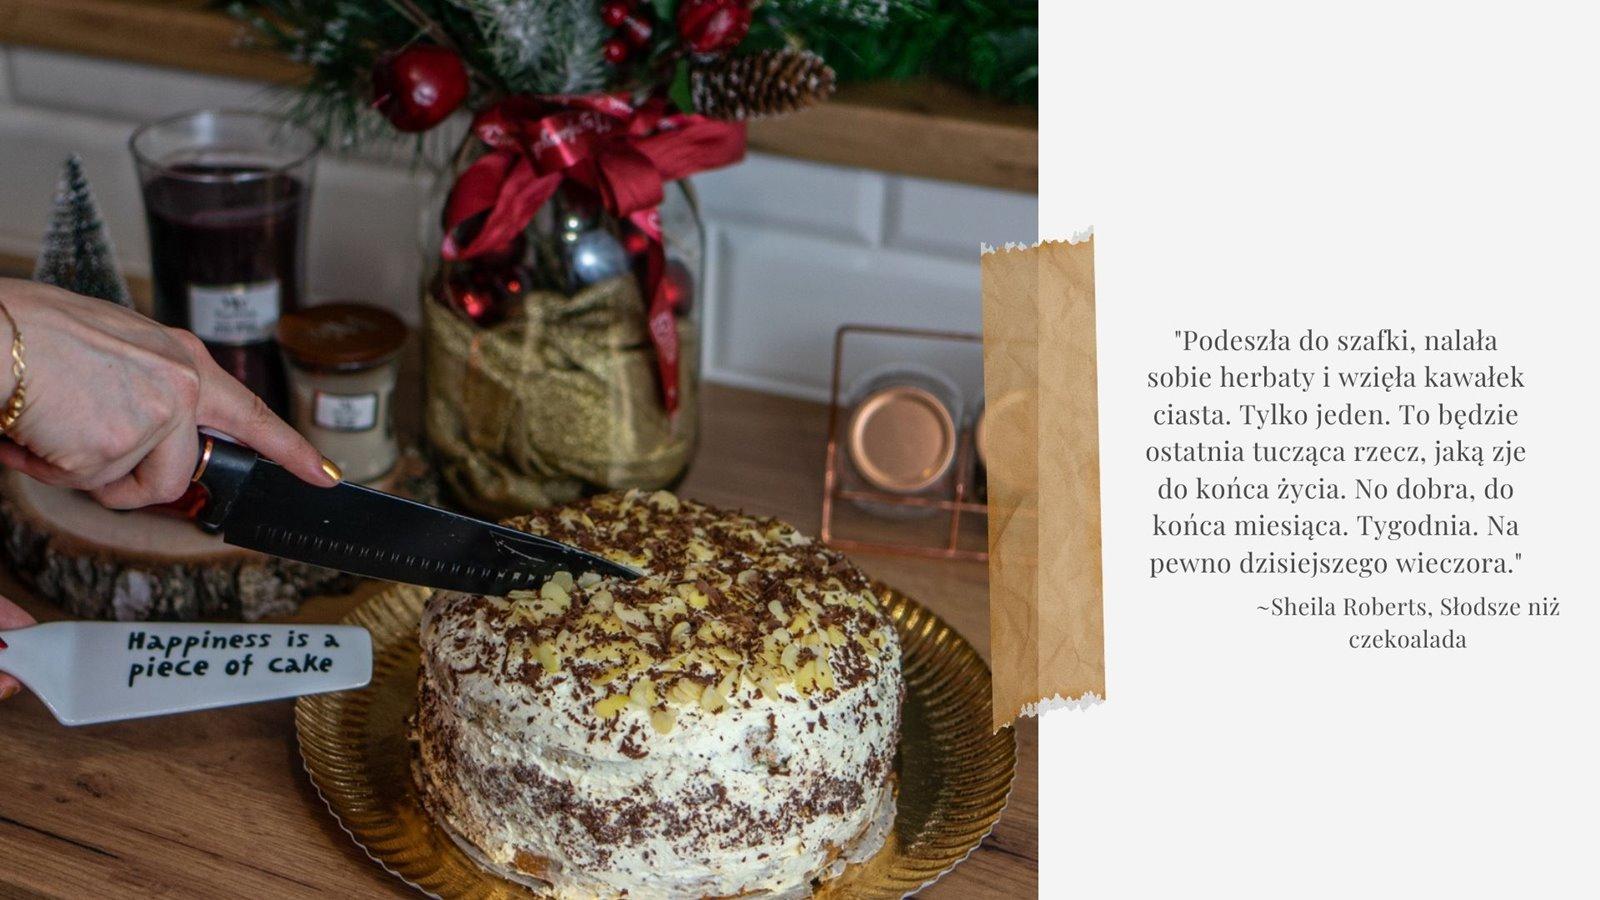 3 tort na urodziny pomysly inspiracje z makiem zdrowy tort z nieslodkim kremem na boze narodzenie swięta walentynki tort piegusek z makiem